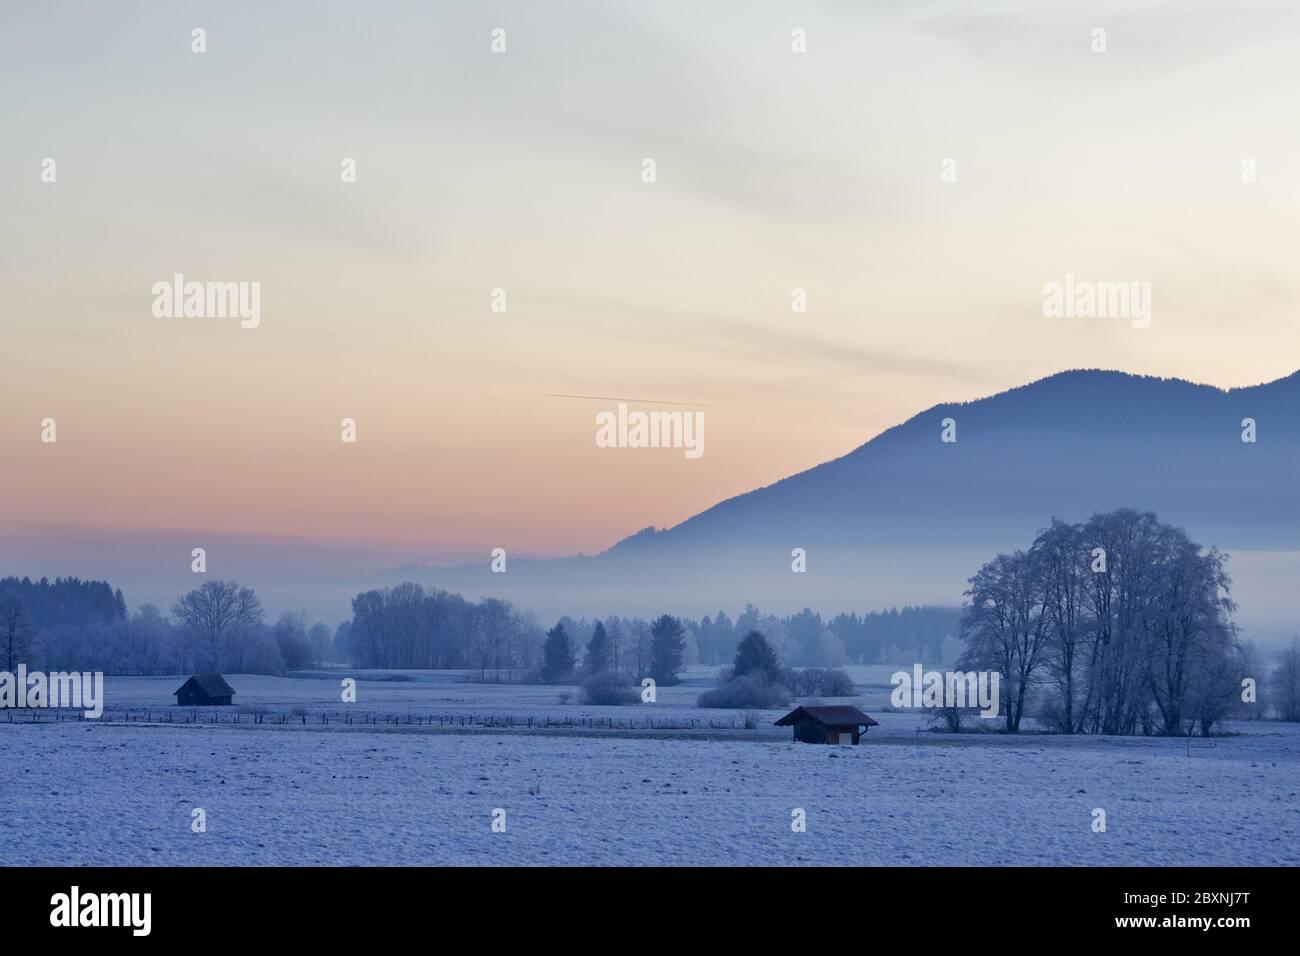 Morgenstimmung mit Raureif in bayerischen voralpen, deutschland Stockfoto